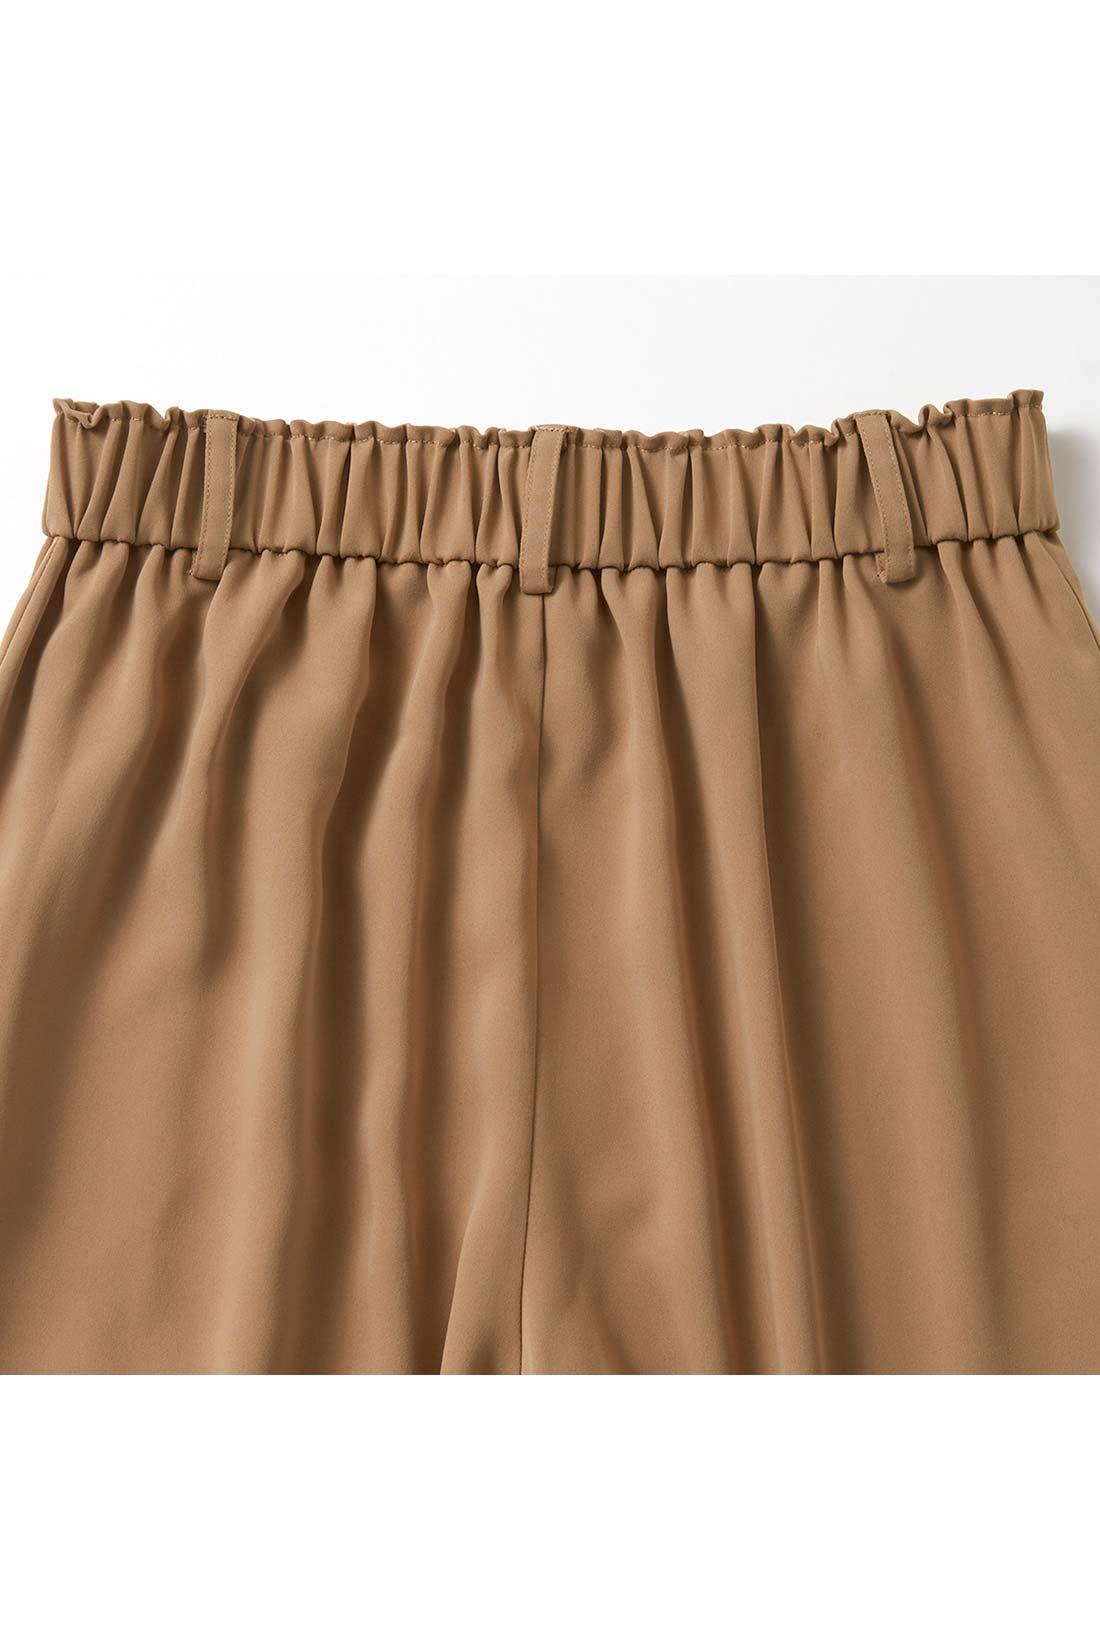 共布ベルトに隠れたウエストのわきから後ろ部分はひそかにゴム仕様。アクティブな日も快適な着心地です。 ※お届けするカラーとは異なります。